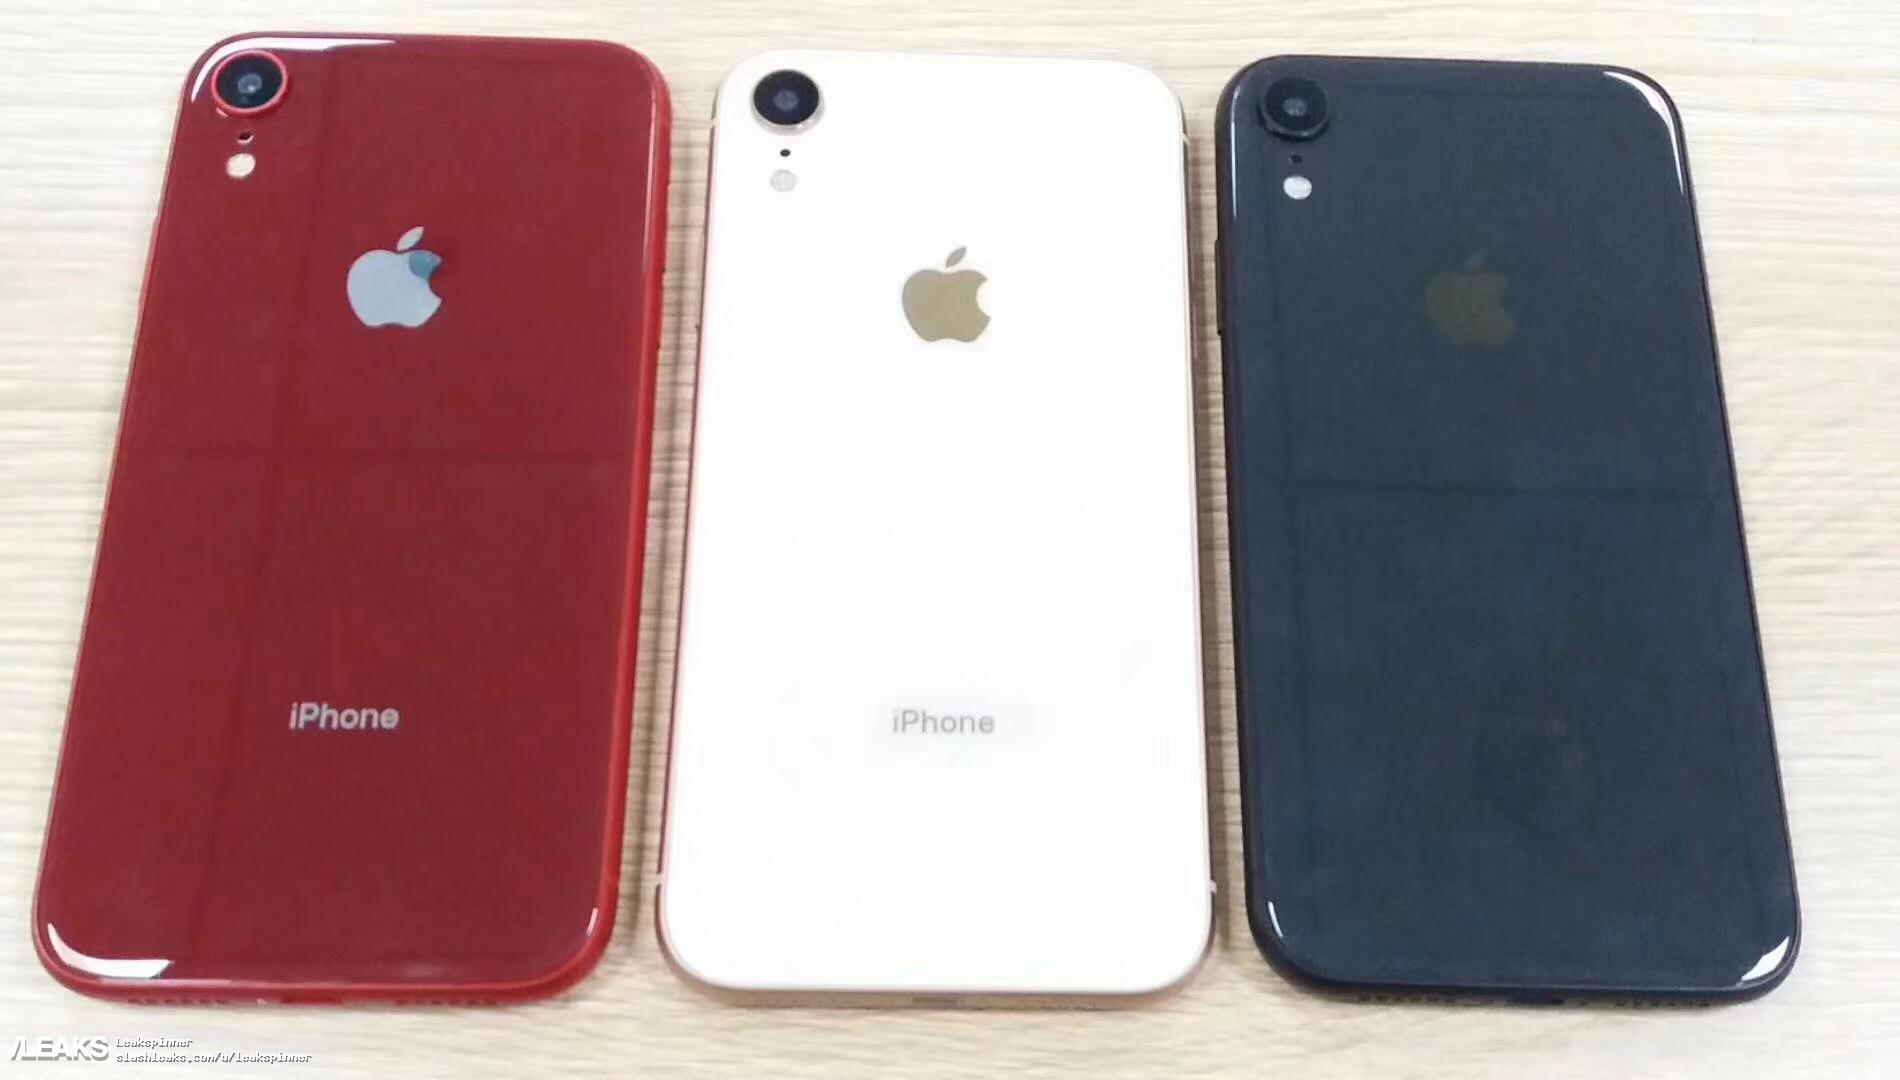 6.1インチ新型iPhoneの名前は「iPhone Xr」  発売直後は入手困難に?